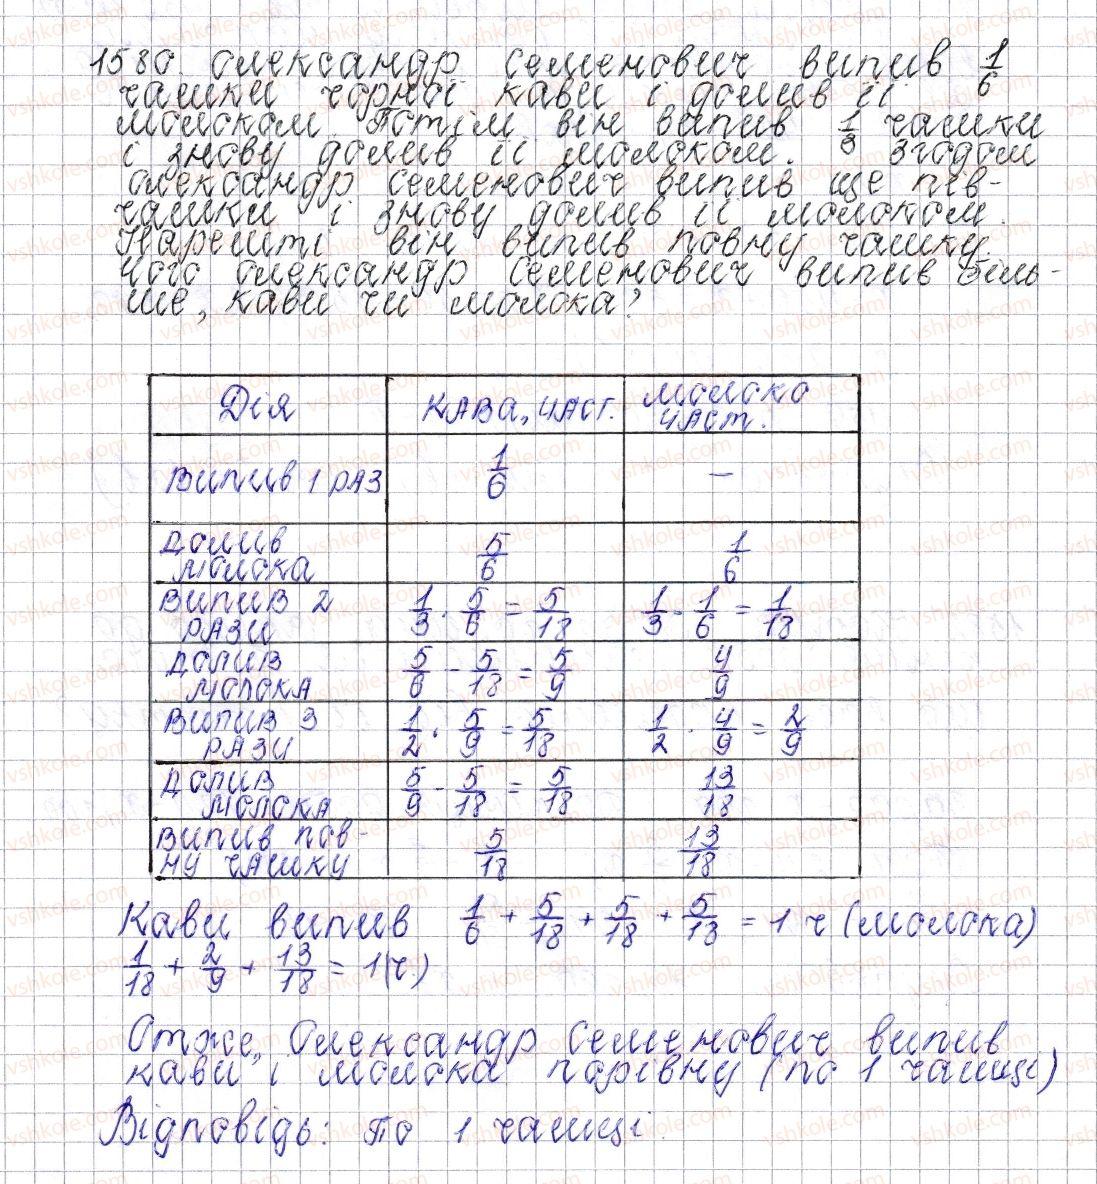 6-matematika-os-ister-2014--dlya-tih-hto-lyubit-matematiku-1580-rnd2277.jpg